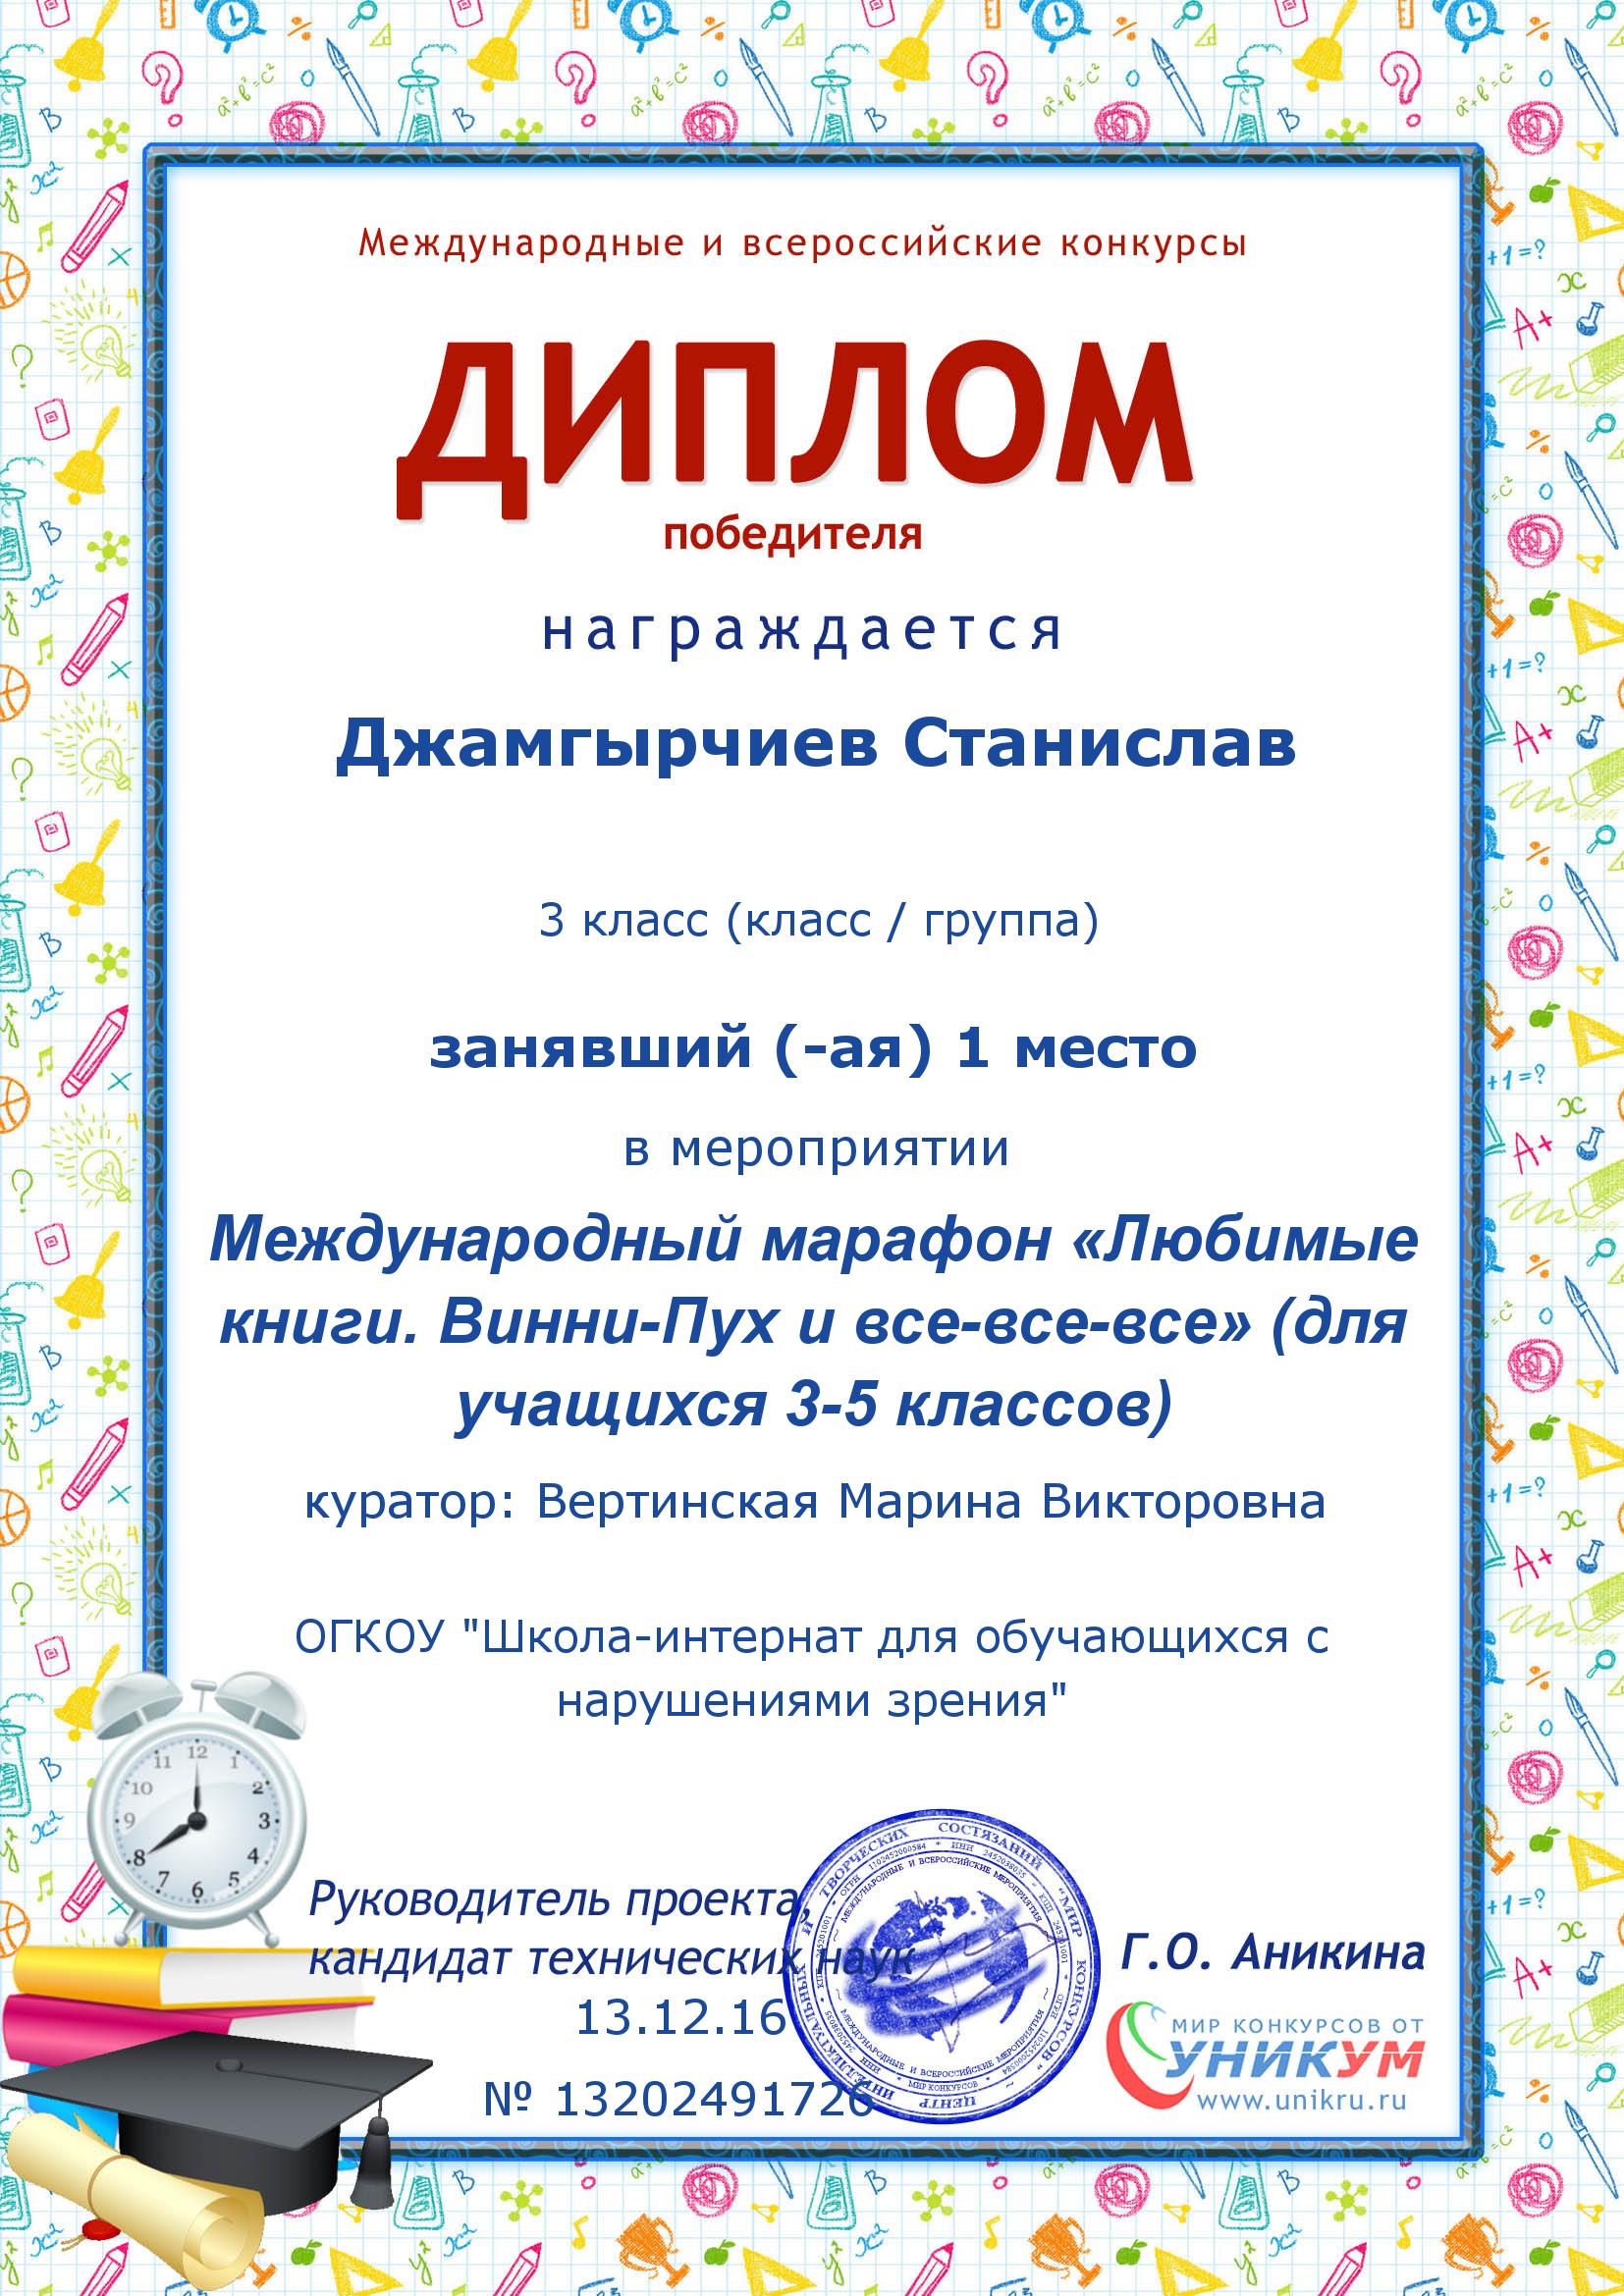 Всероссийские конкурсы для учащихся средних классов